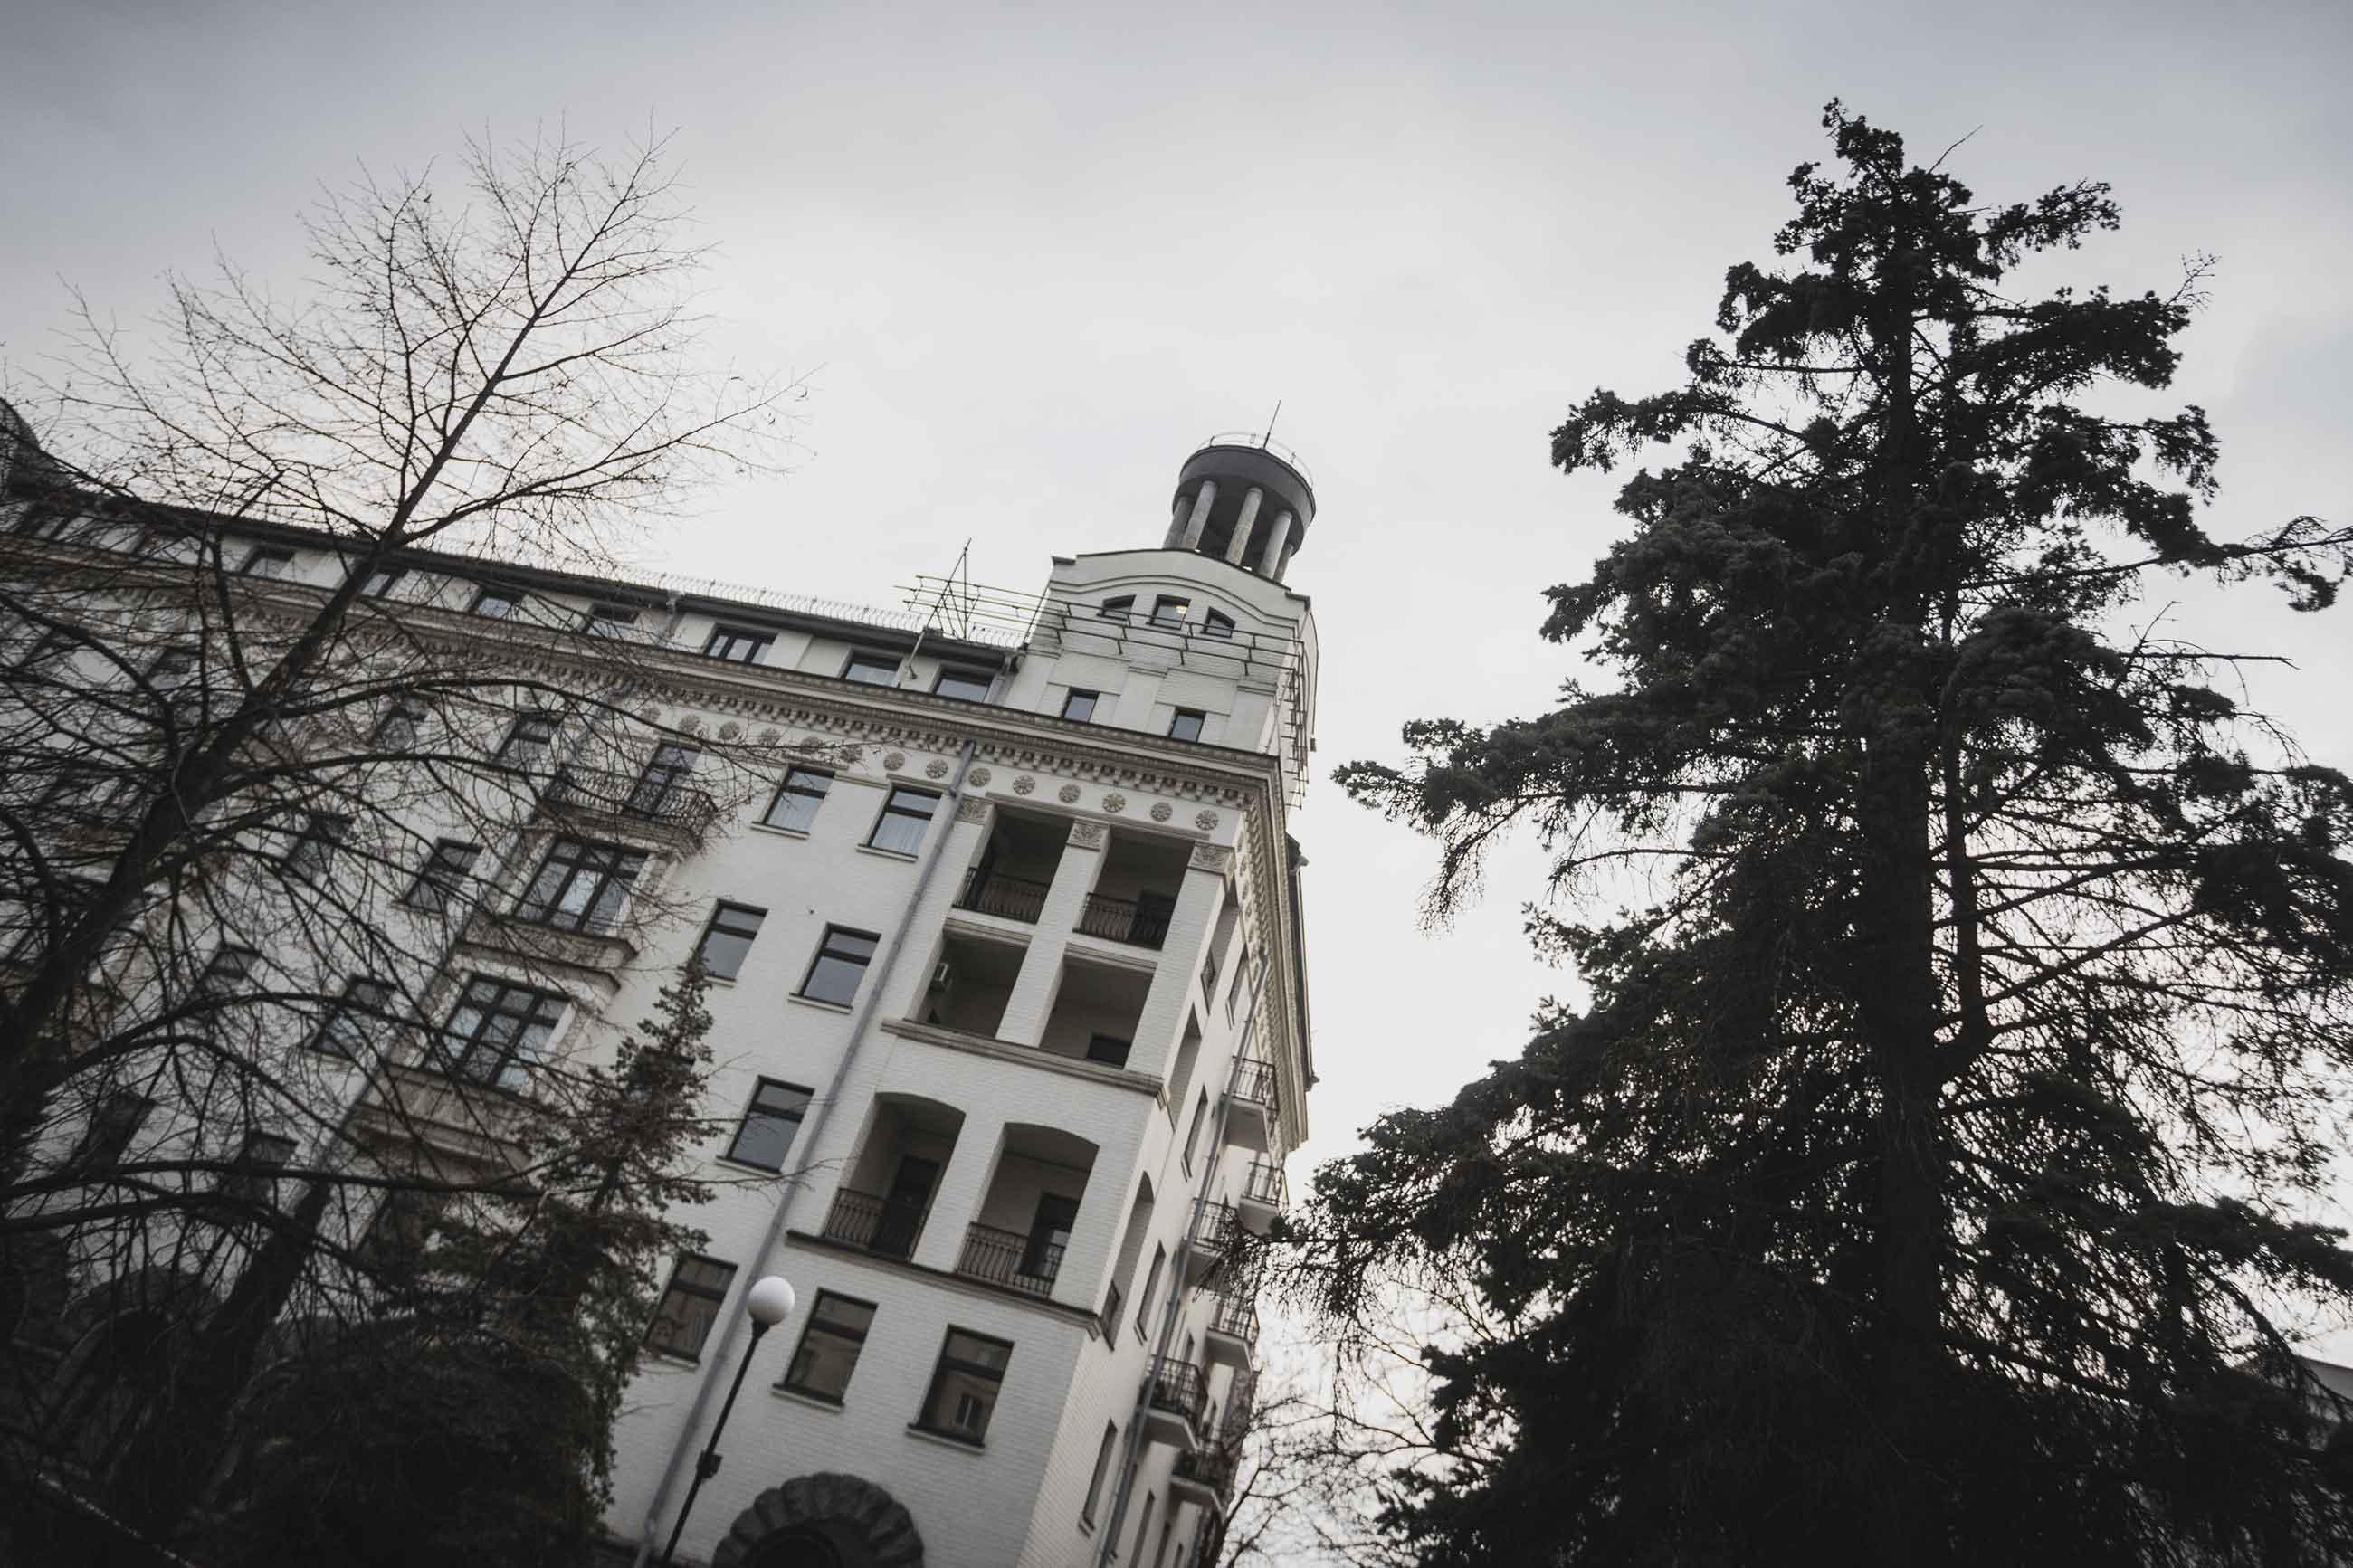 shyrochin dsc05031 - <b>Забута архітектура 1930-х.</b> Що варто знати про міжвоєнні проєкти у Києві - Заборона